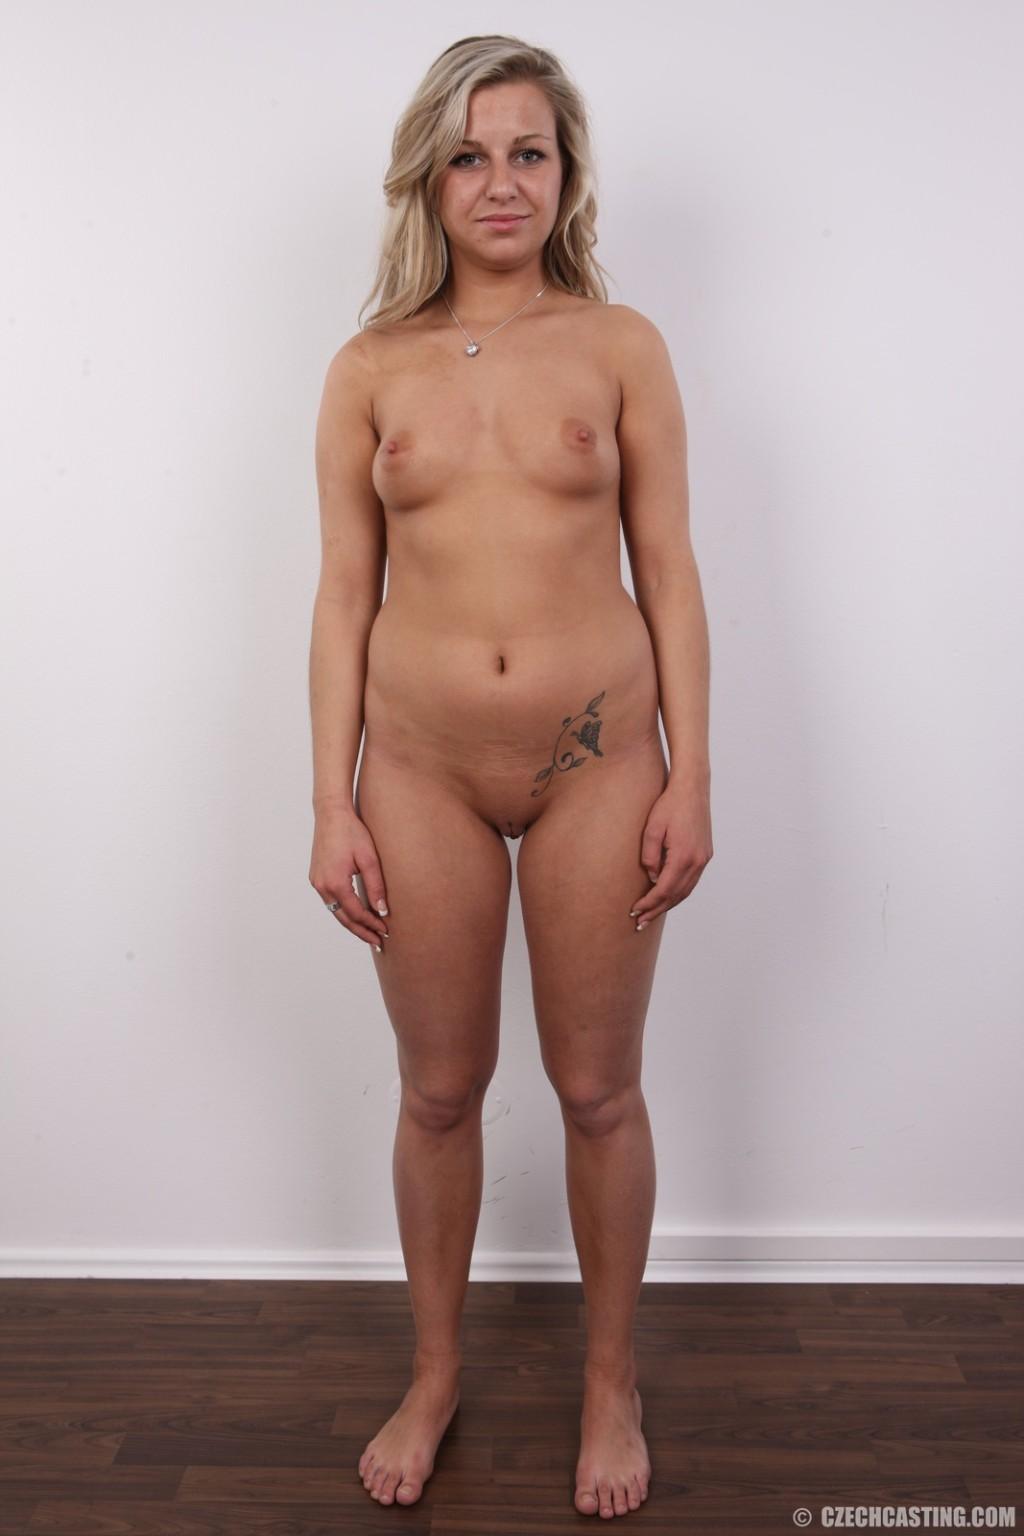 Смелая блондинка решается снять всю одежду перед камерой и показать себя со всех сторон